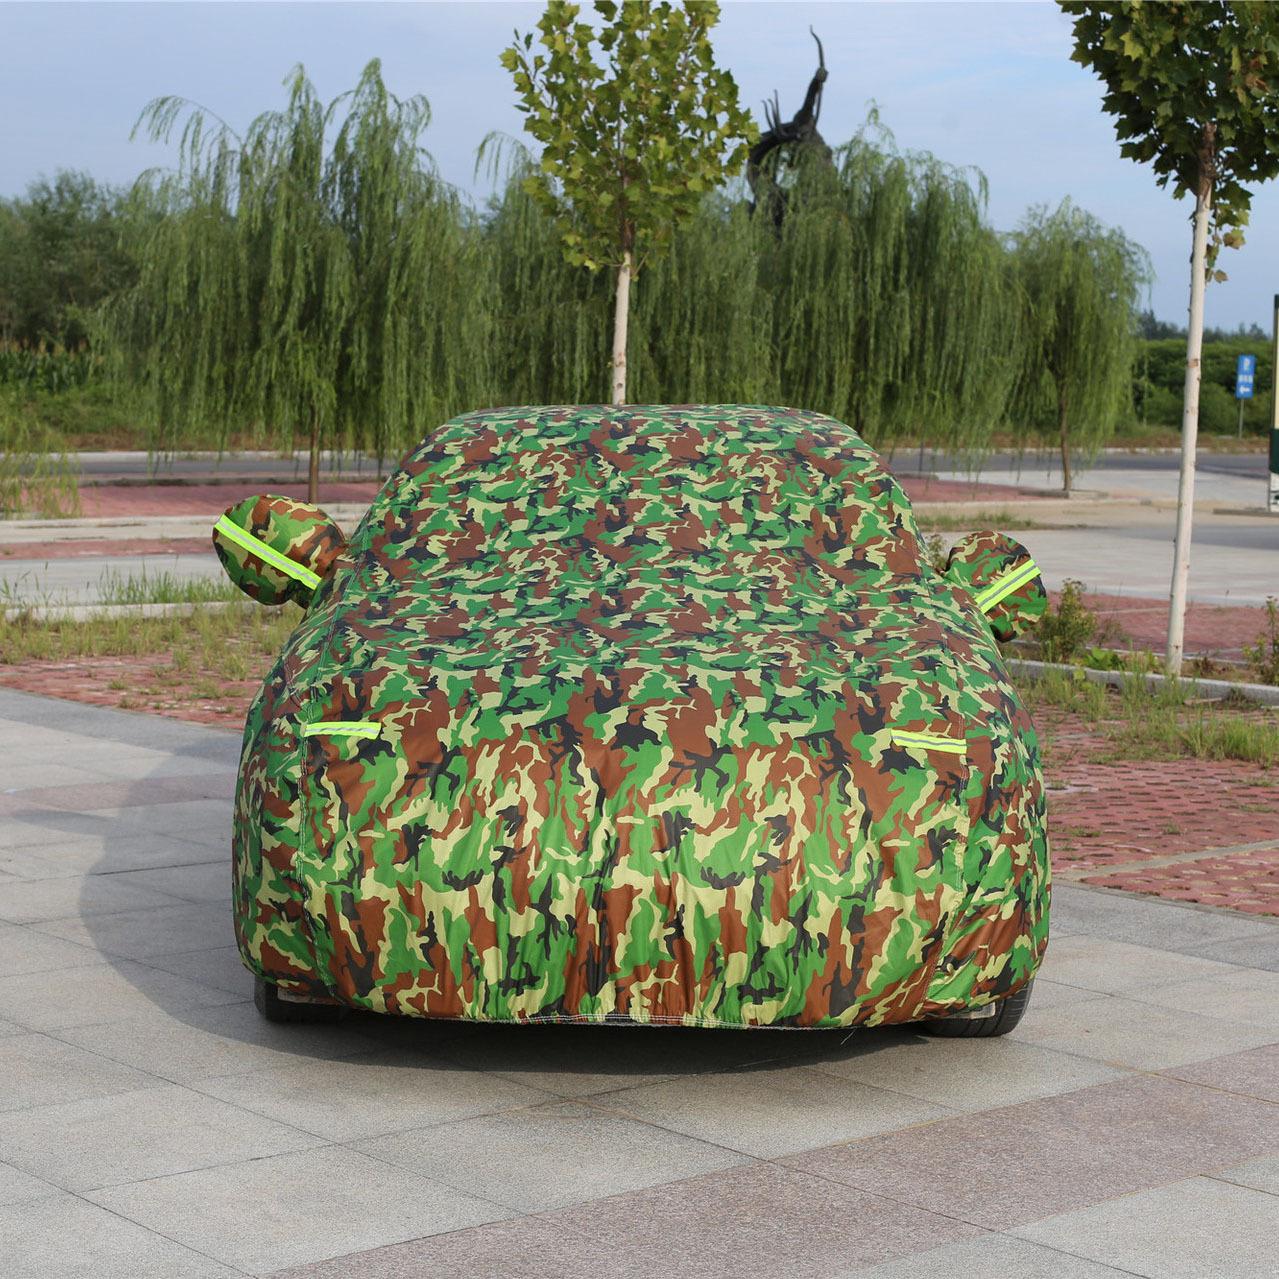 CHEBANG Áo trùm xe hơi Quần áo ô tô che ô tô chống gió và chống bụi bốn mùa phổ quát quần áo áo khoá